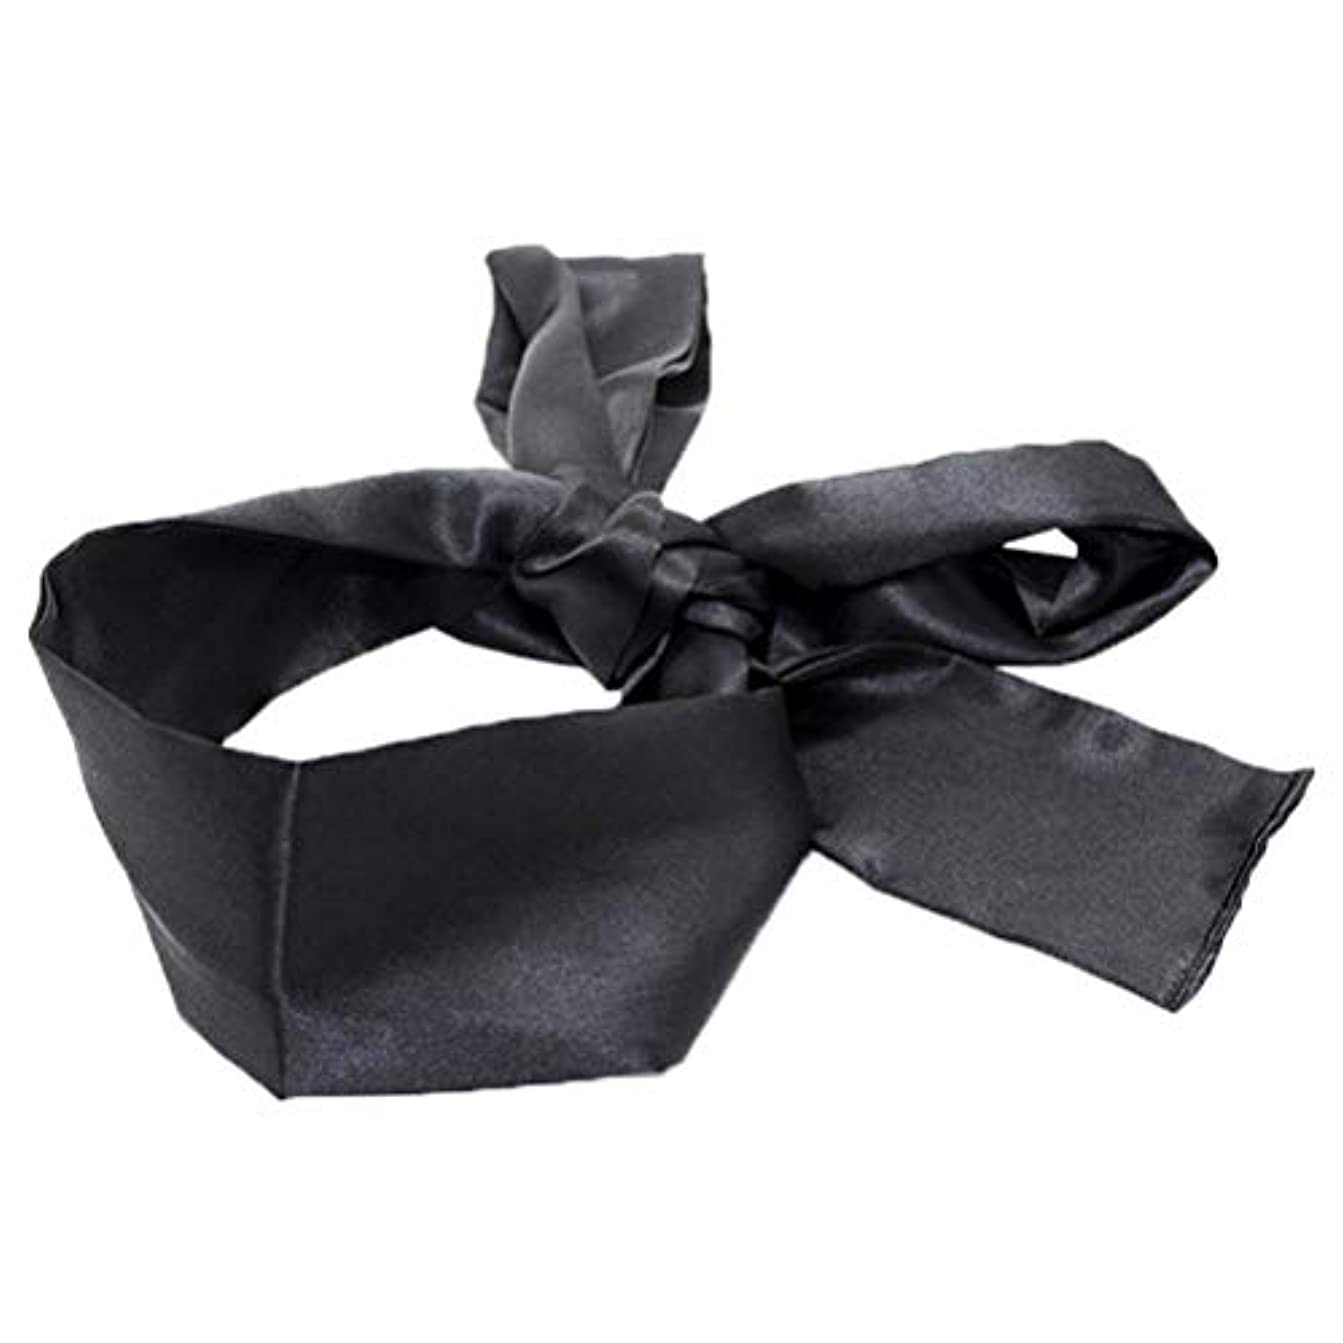 しばしばアジャ石HEALIFTY 睡眠マスクホームトラベルコスチューム小道具(ブラック)用サテン目隠しソフト快適なアイマスクバンドブラインダー